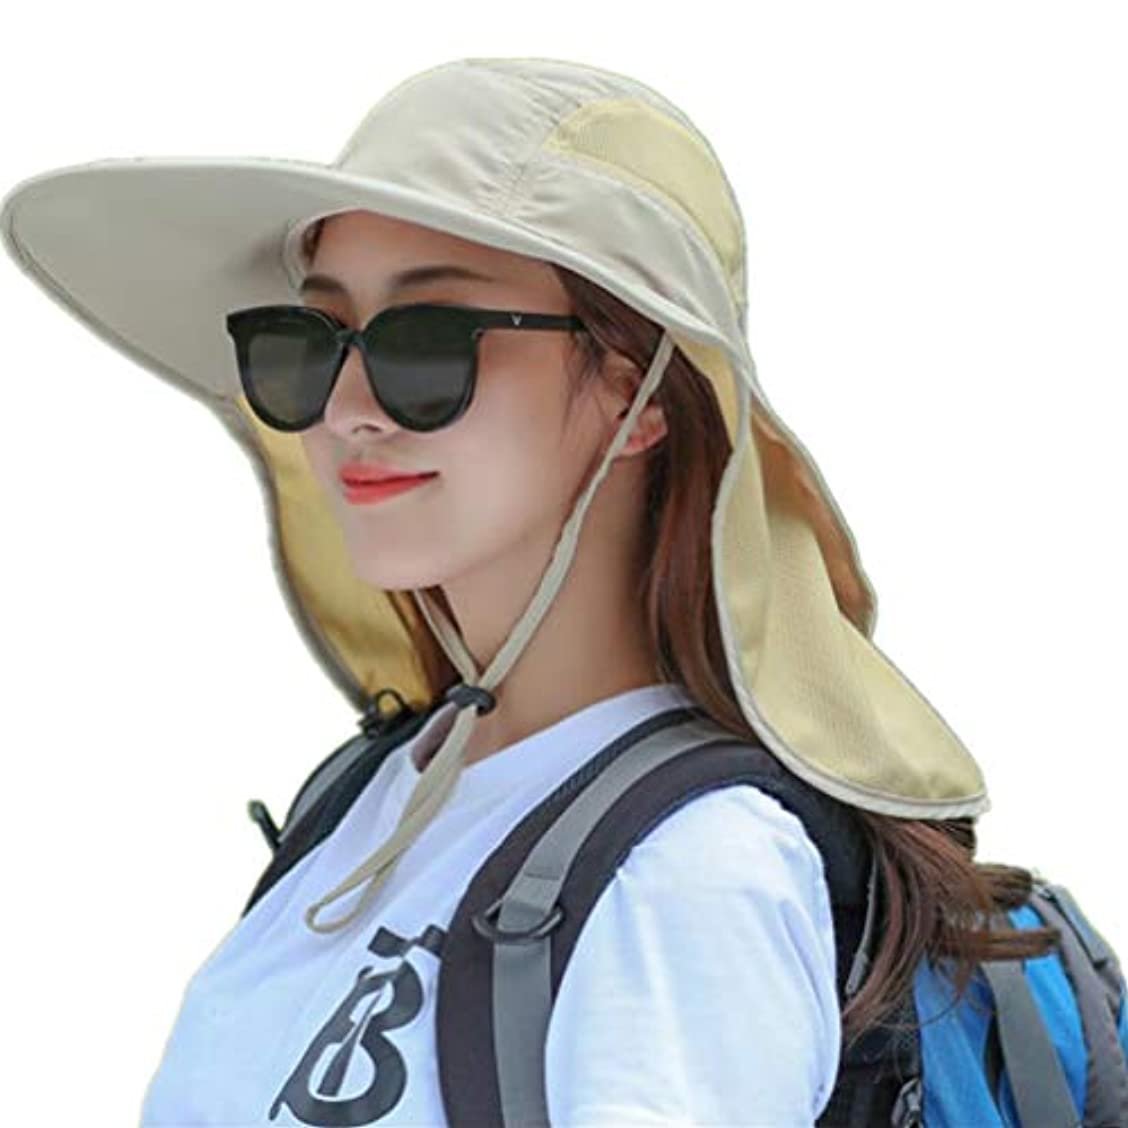 フィードトリプル悪夢Dukars アウトドア UPF 50+ 日焼け防止 サファリキャップ 折りたたみ可能 サンハット 幅広つば フィッシングハット ネックフラップ付き メンズ レディース